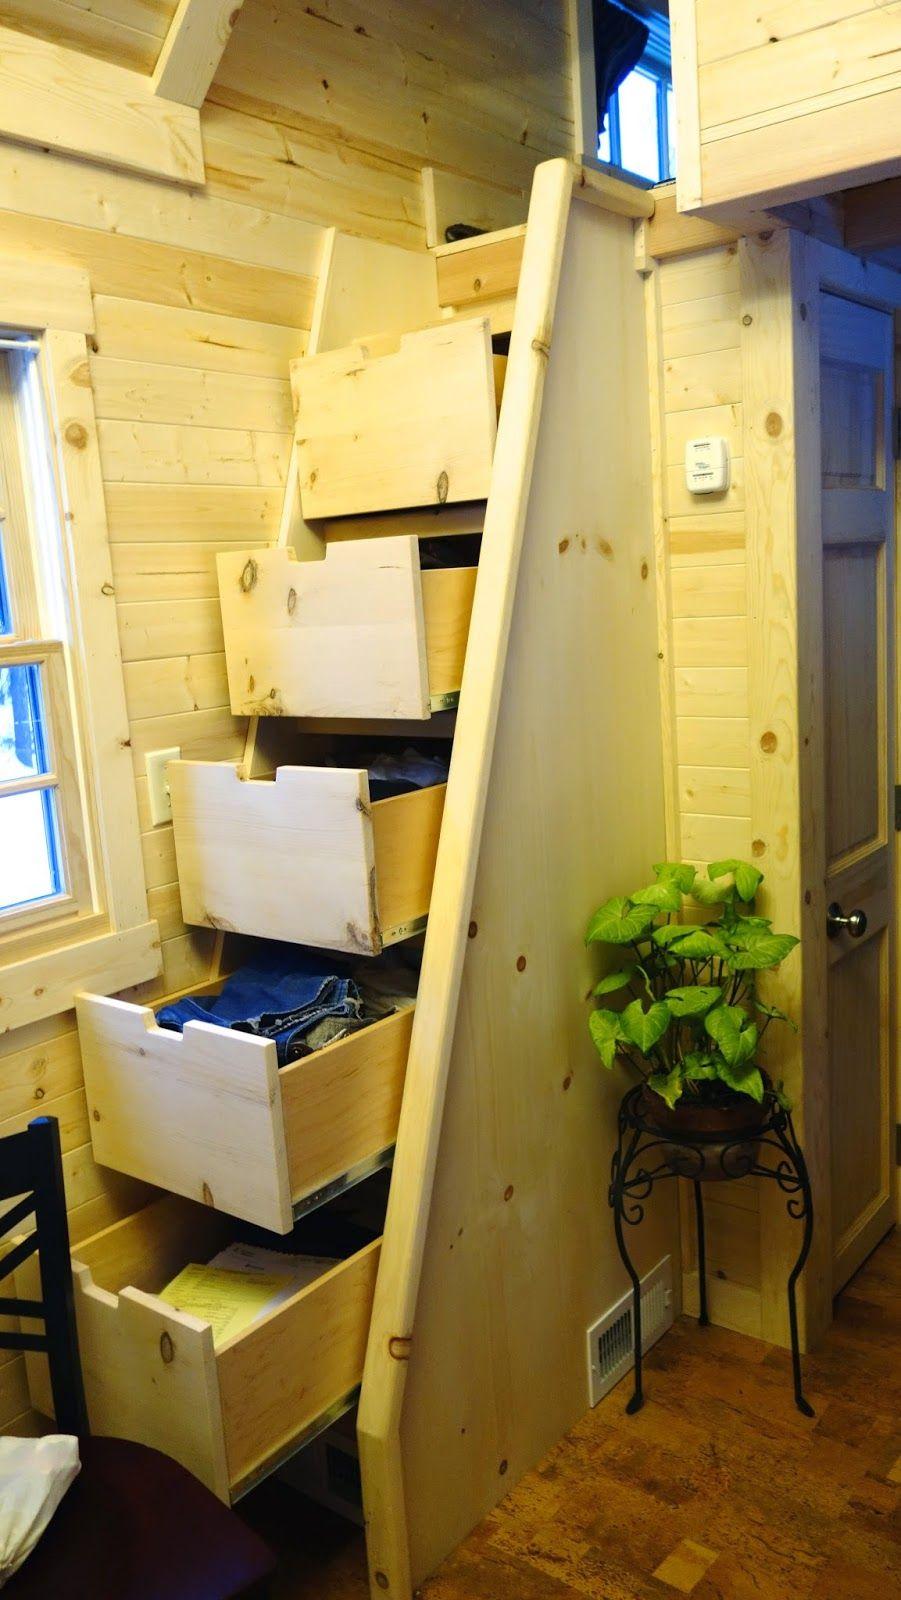 Escaleras para camas altas escaleras disean las ideas - Escaleras para camas altas ...